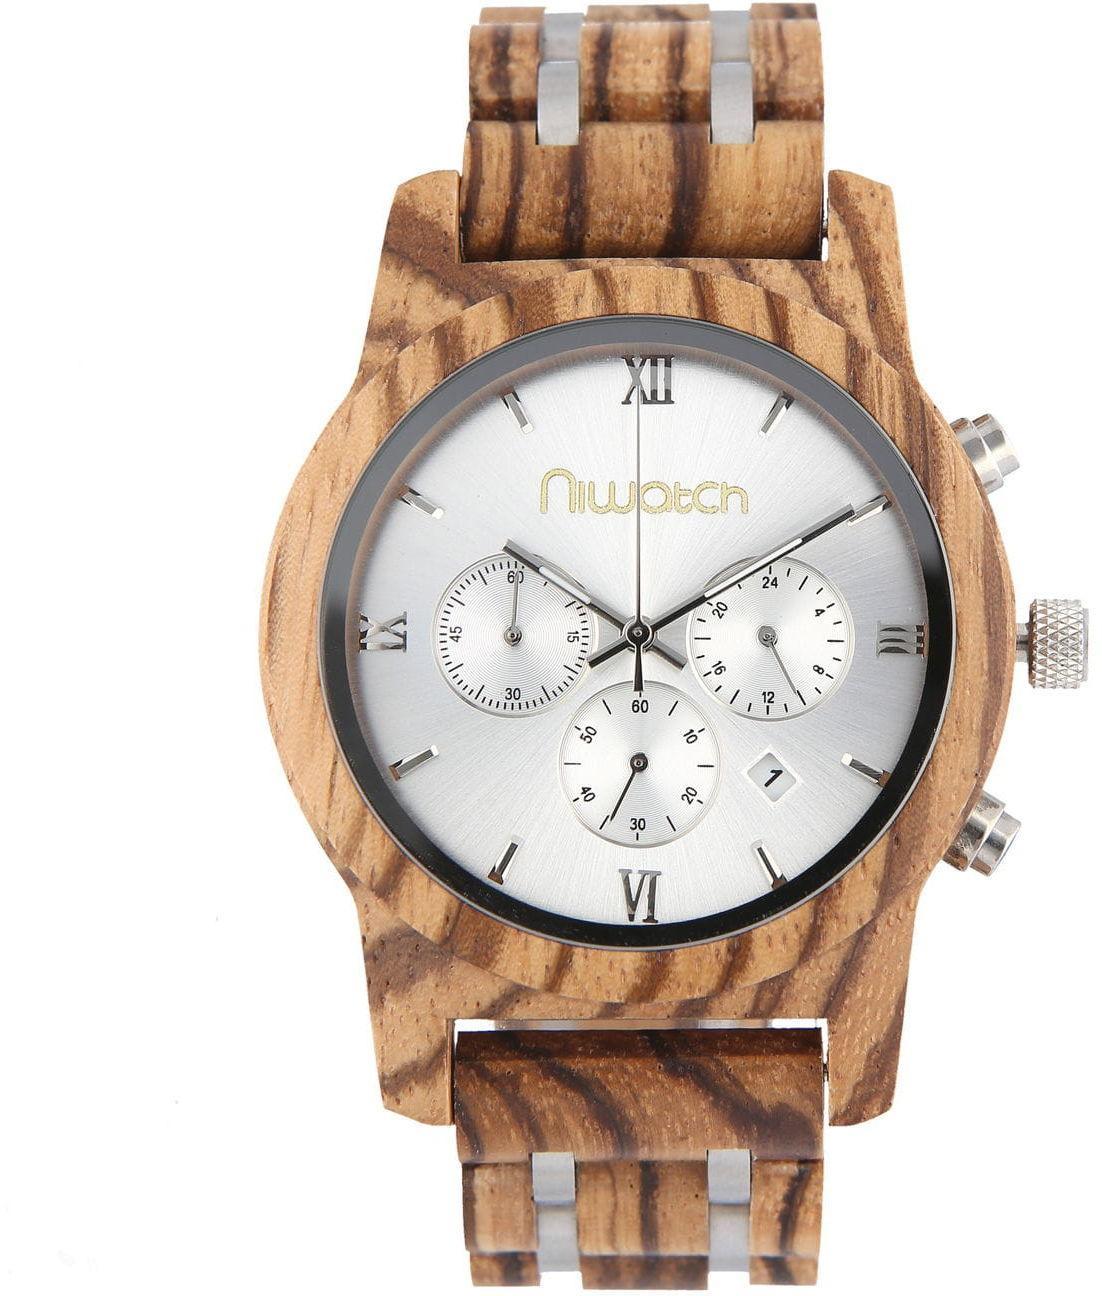 Męski zegarek drewniany Niwatch CHRONO - ZEBRAWOOD